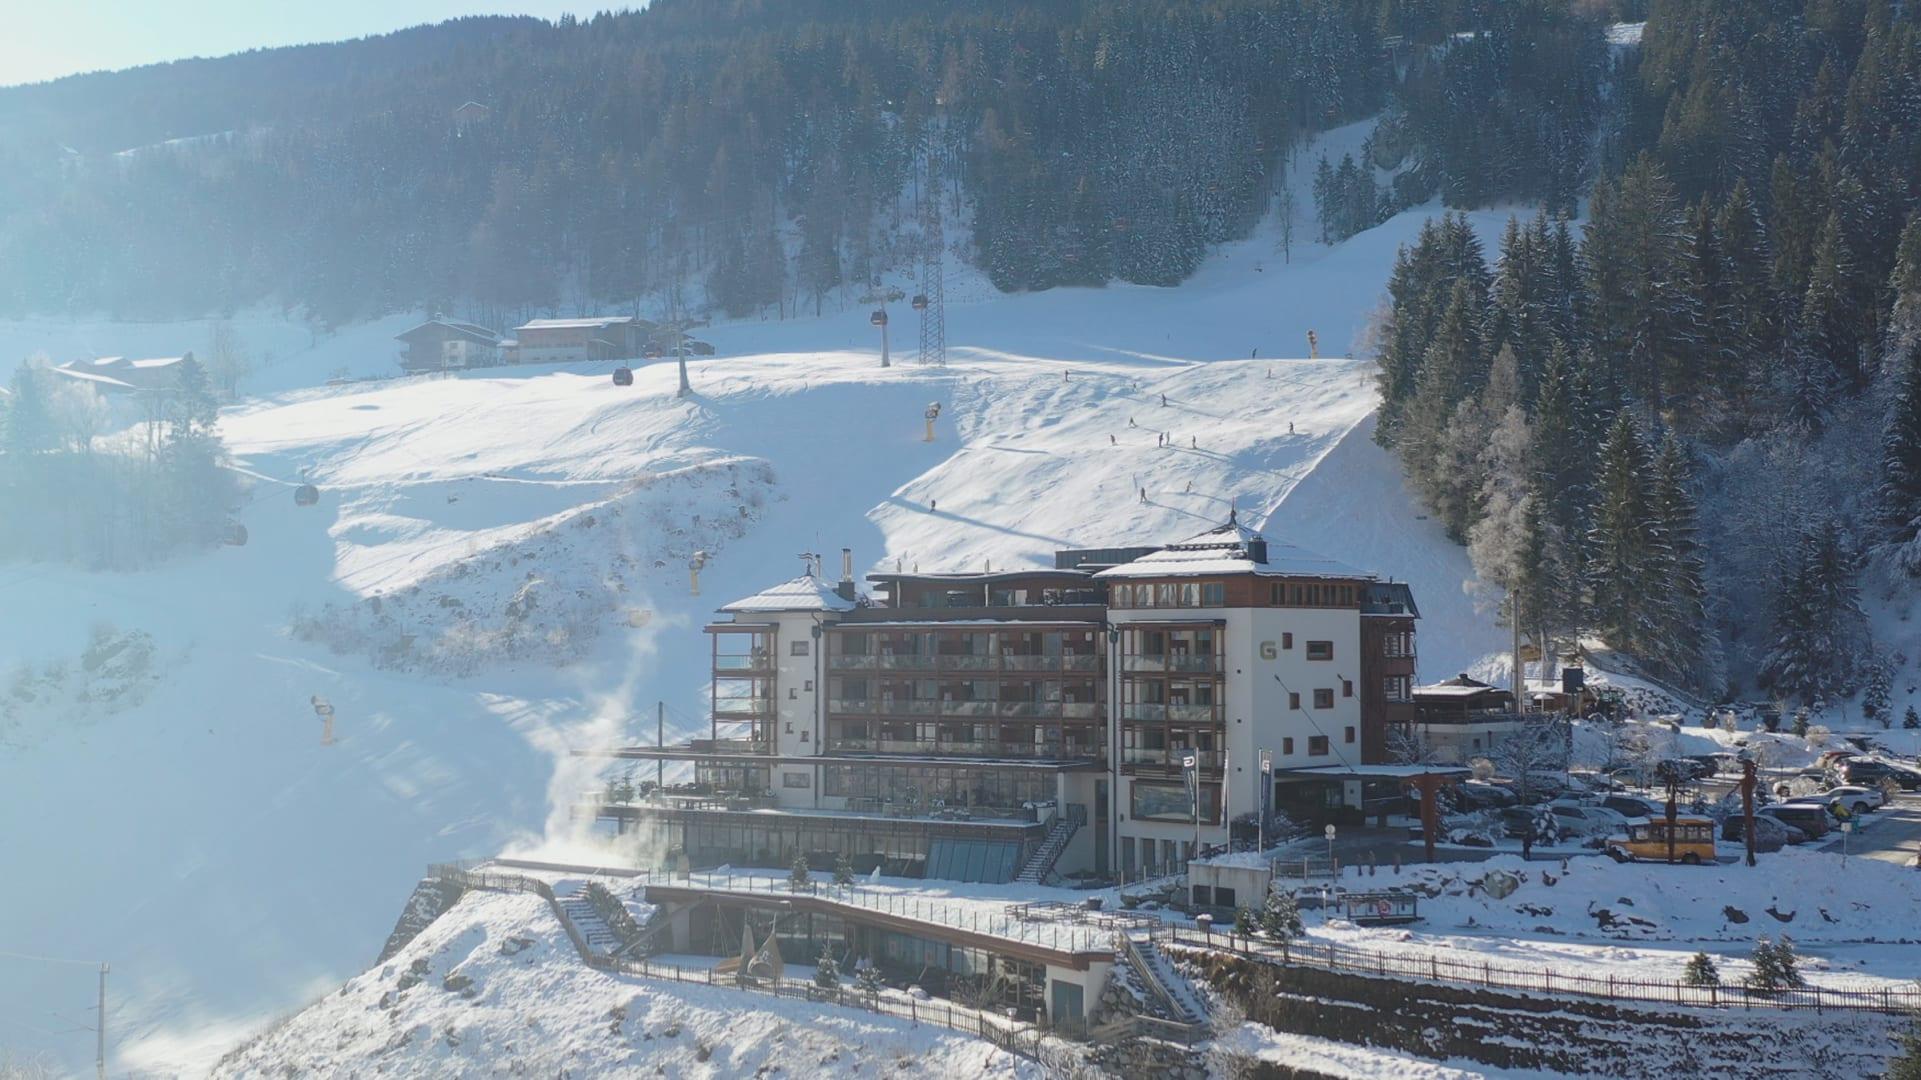 Hotel DAS.GOLDBERG Bad Hofgastein Sonnen.Skilauf Wochen ... 7 Nächte